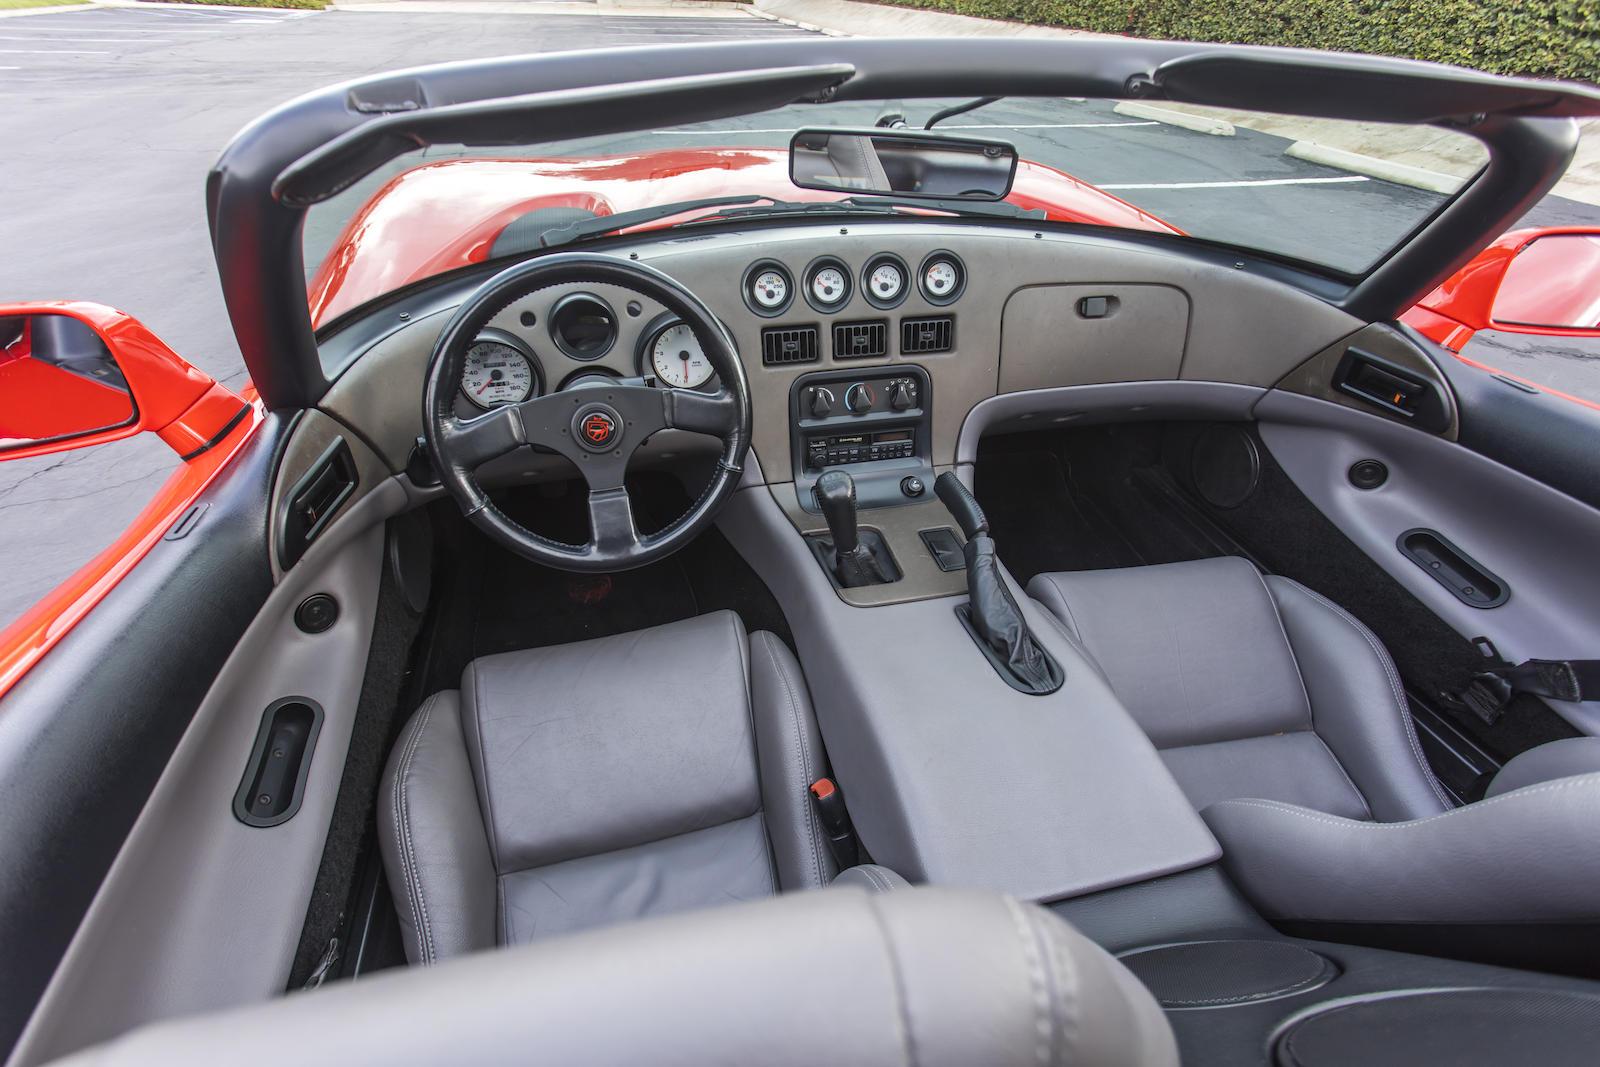 1992 Dodge Viper RT/10